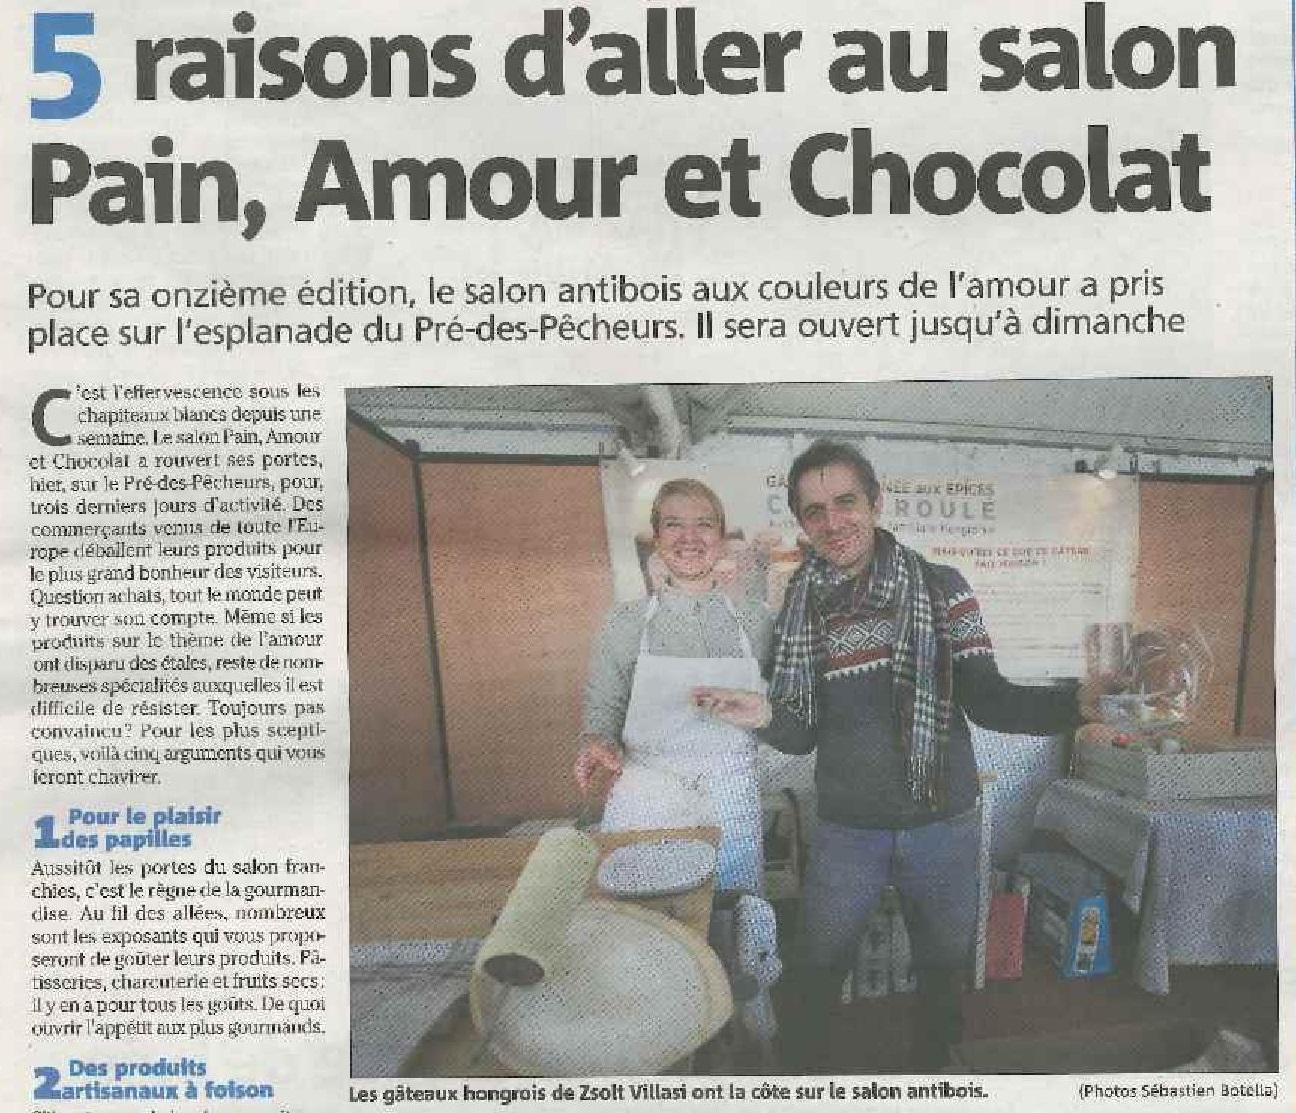 5 raisons d'aller au salon Pain, Amour et Chocolat